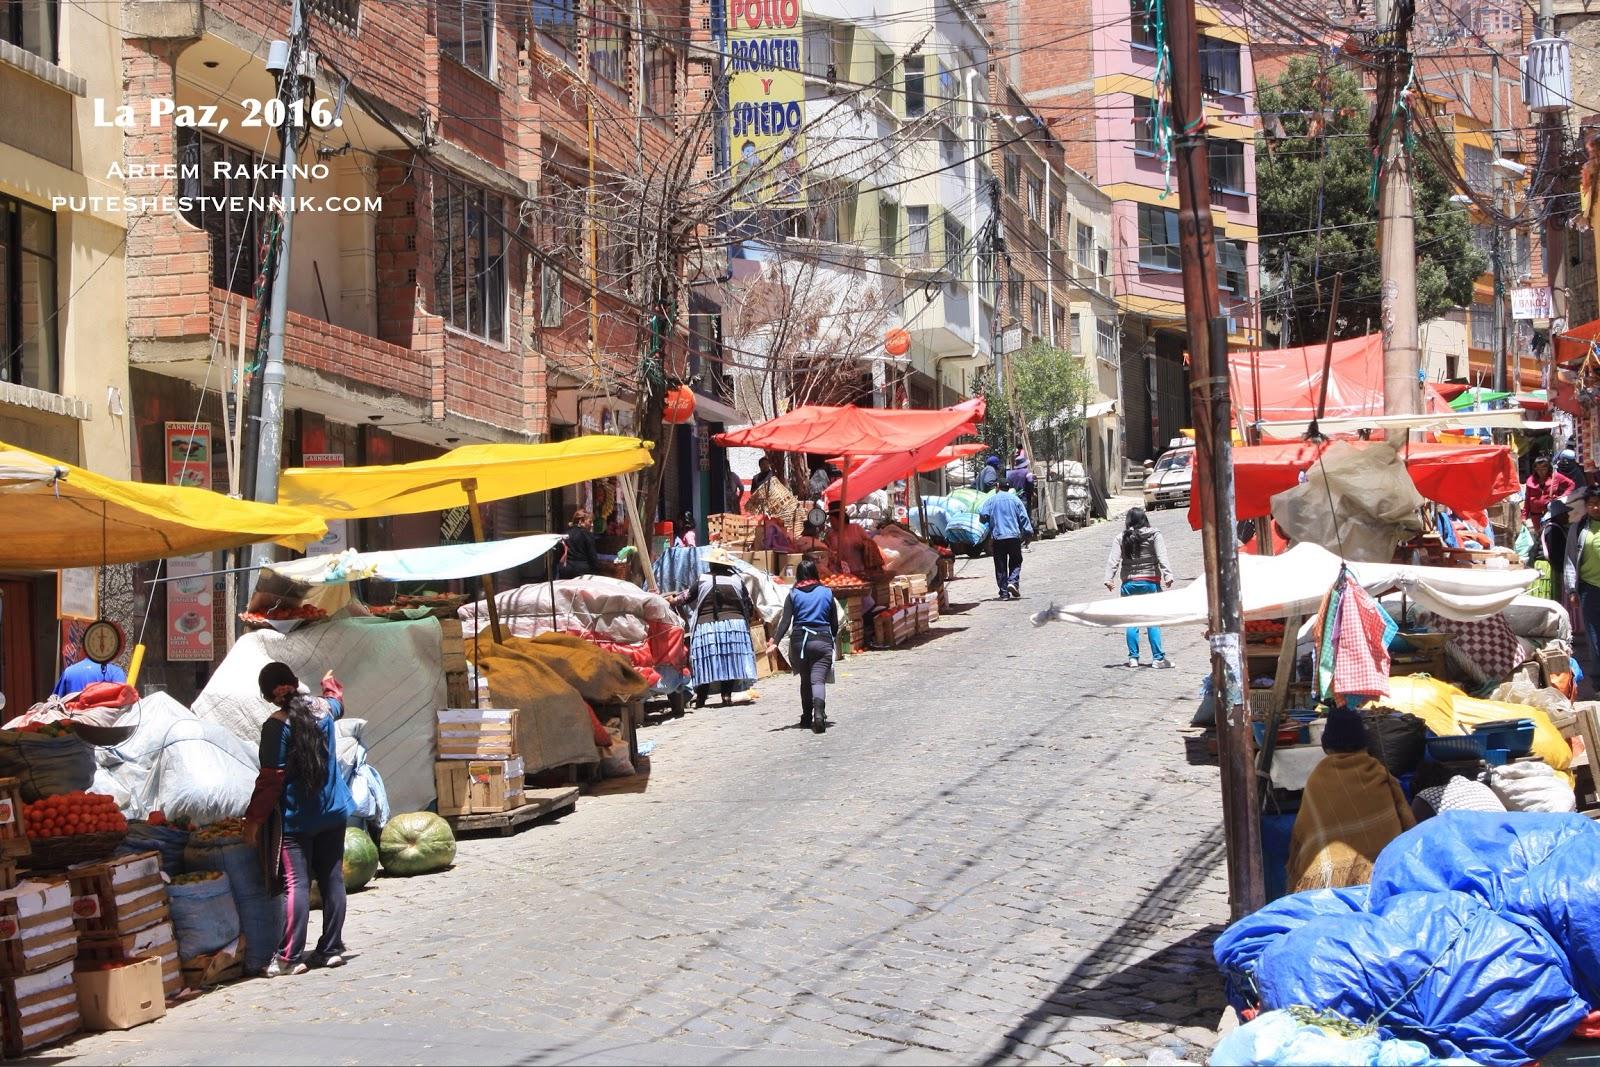 Торговые лотки на улицах Ла-Паса